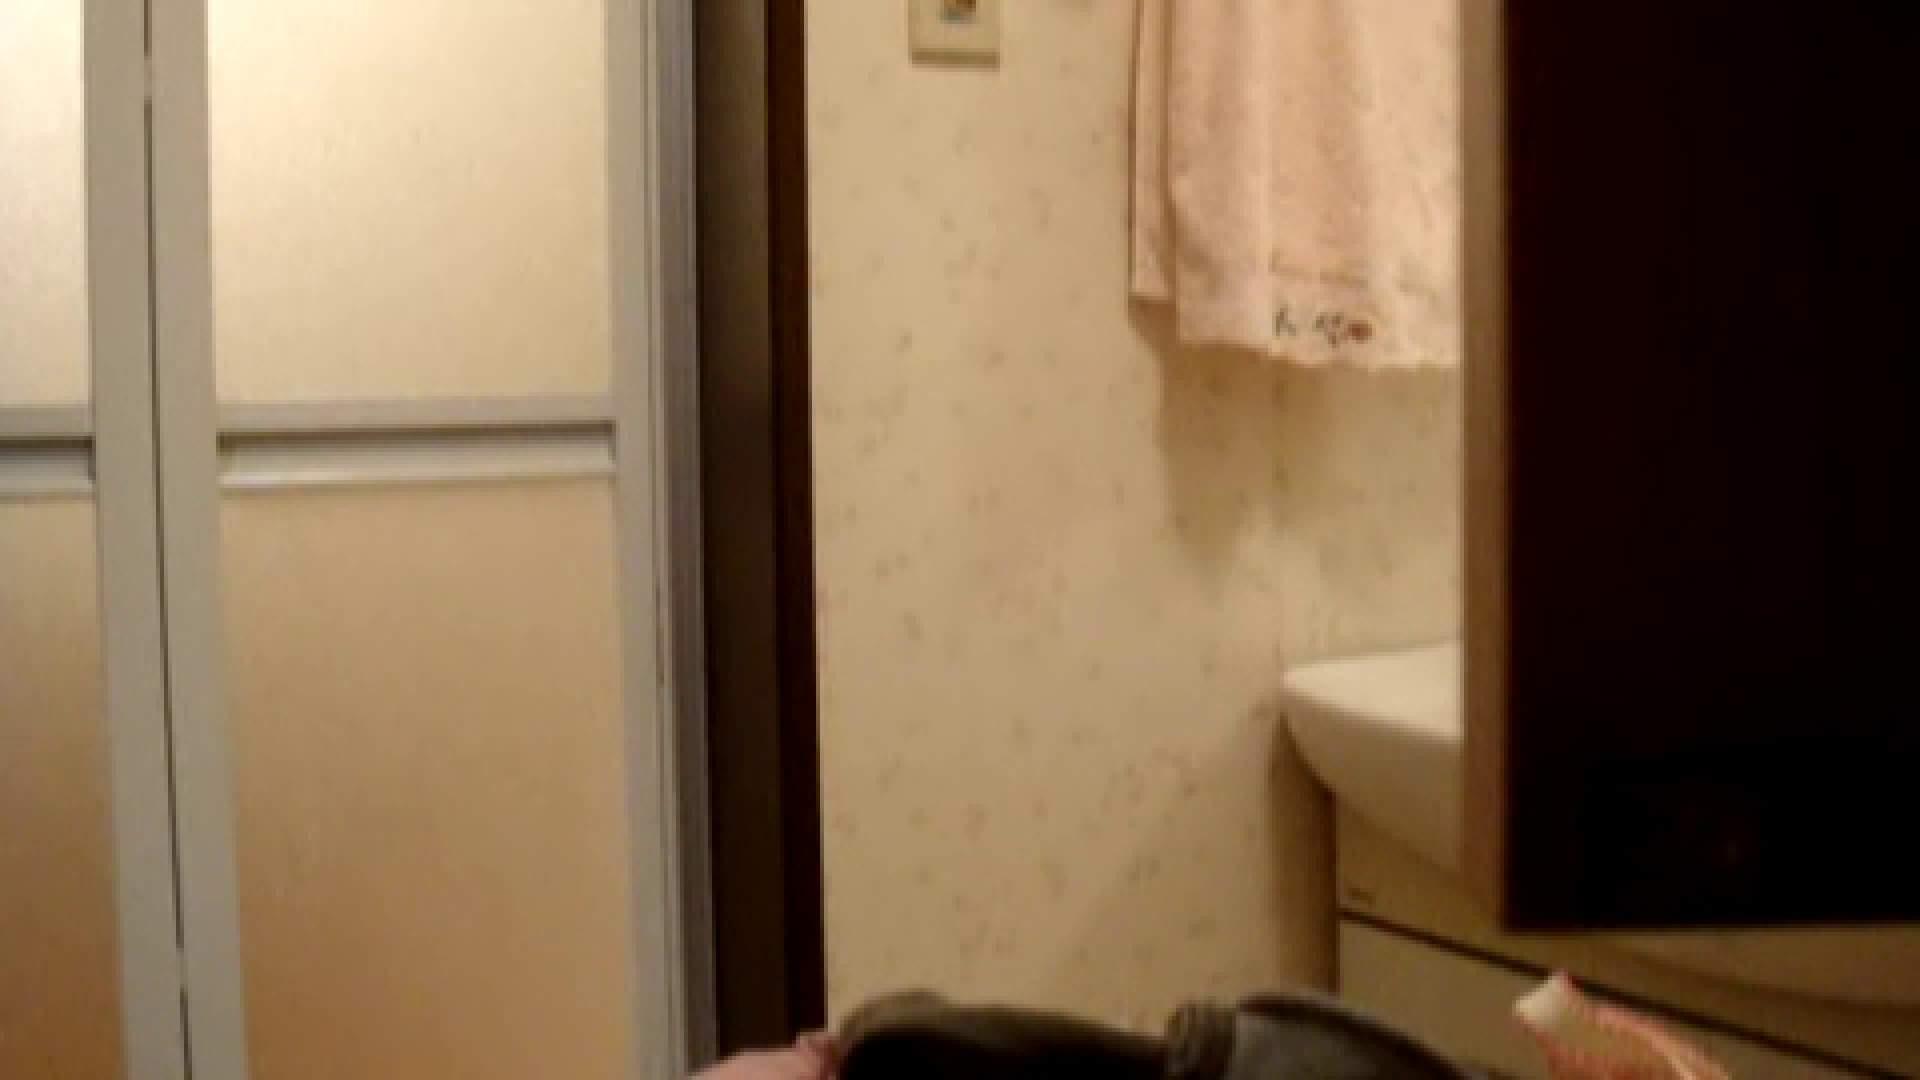 二人とも育てた甲斐がありました… vol.08 まどかの入浴中にカメラに気付いたか!? OLのエロ生活  71連発 50